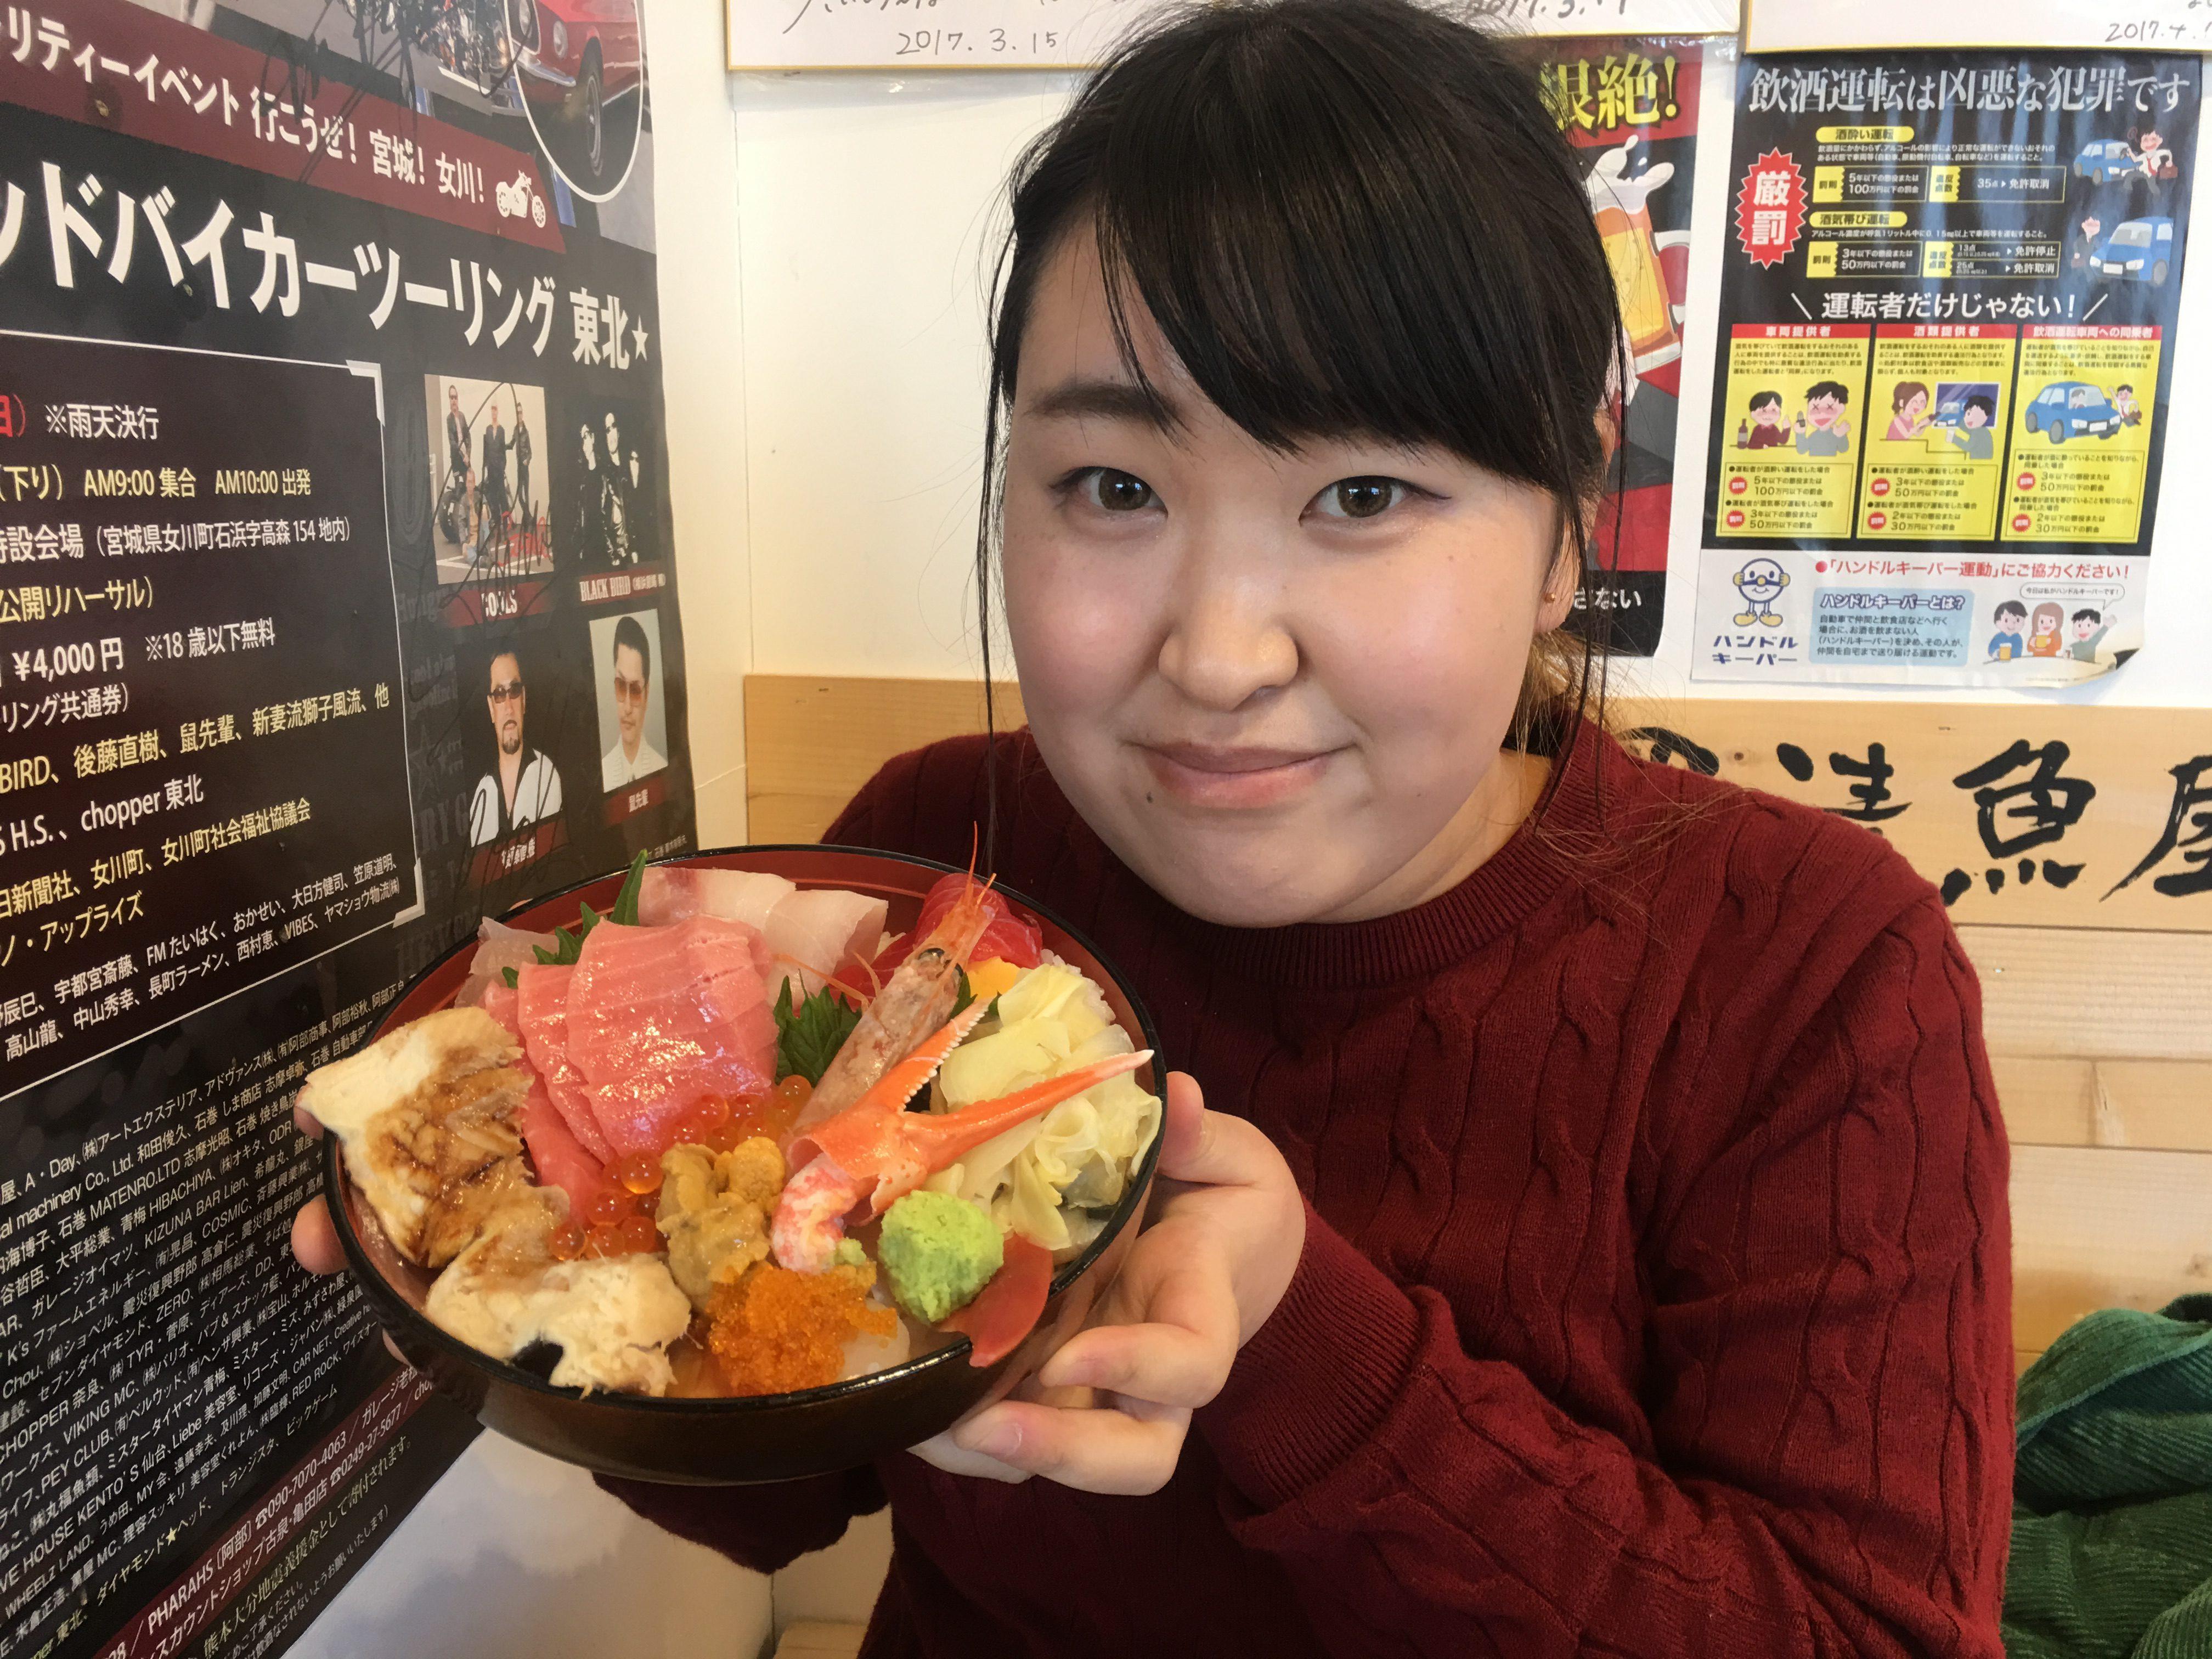 ONAGAWA DAY3